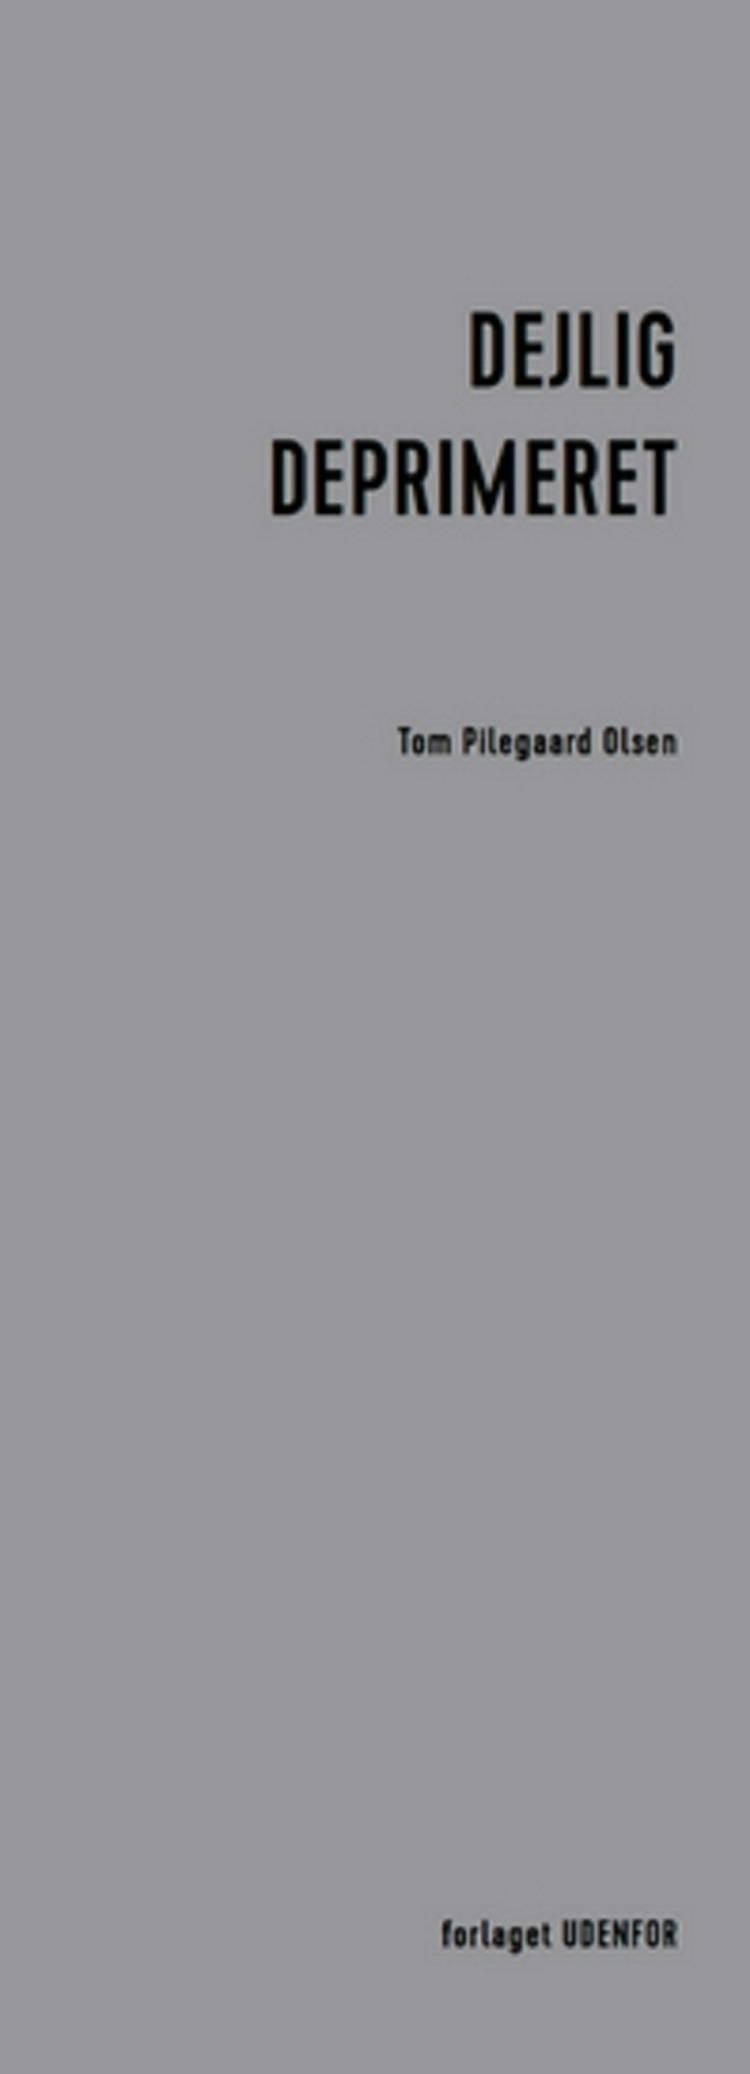 Dejlig deprimeret af Tom Pilegaard Olsen